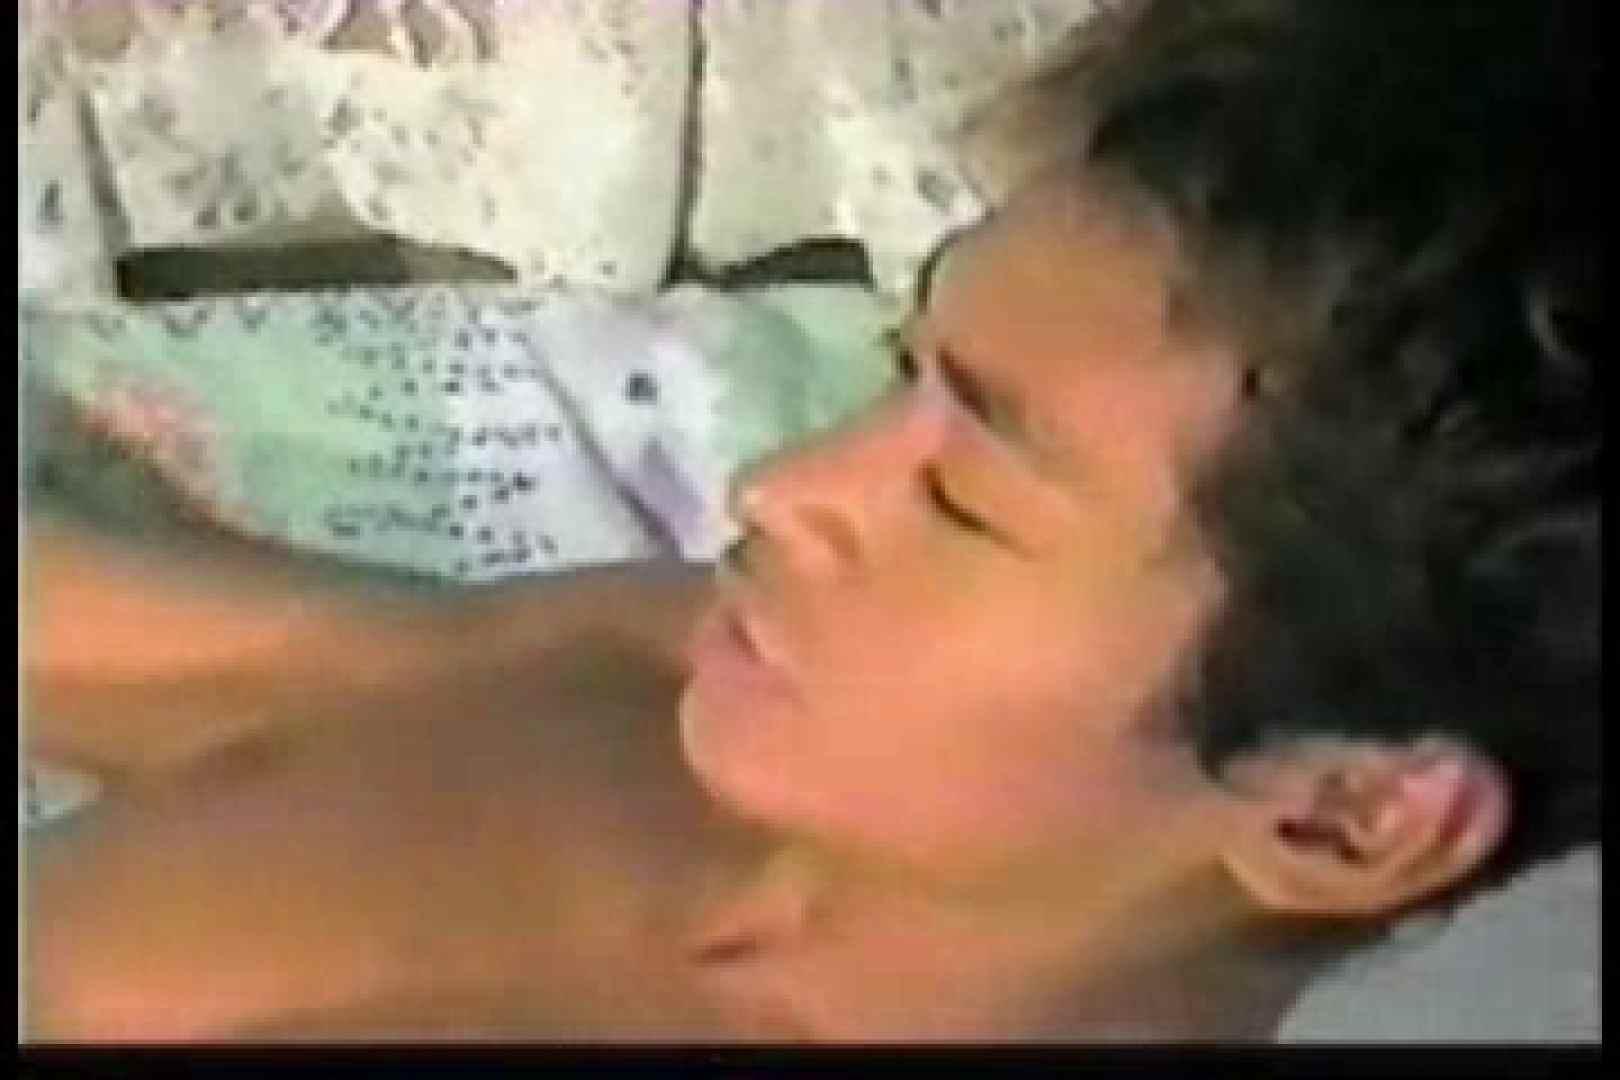 【自己製作販売ビデオ】オナニーフェラ挿入 手コキ ゲイセックス画像 49pic 2